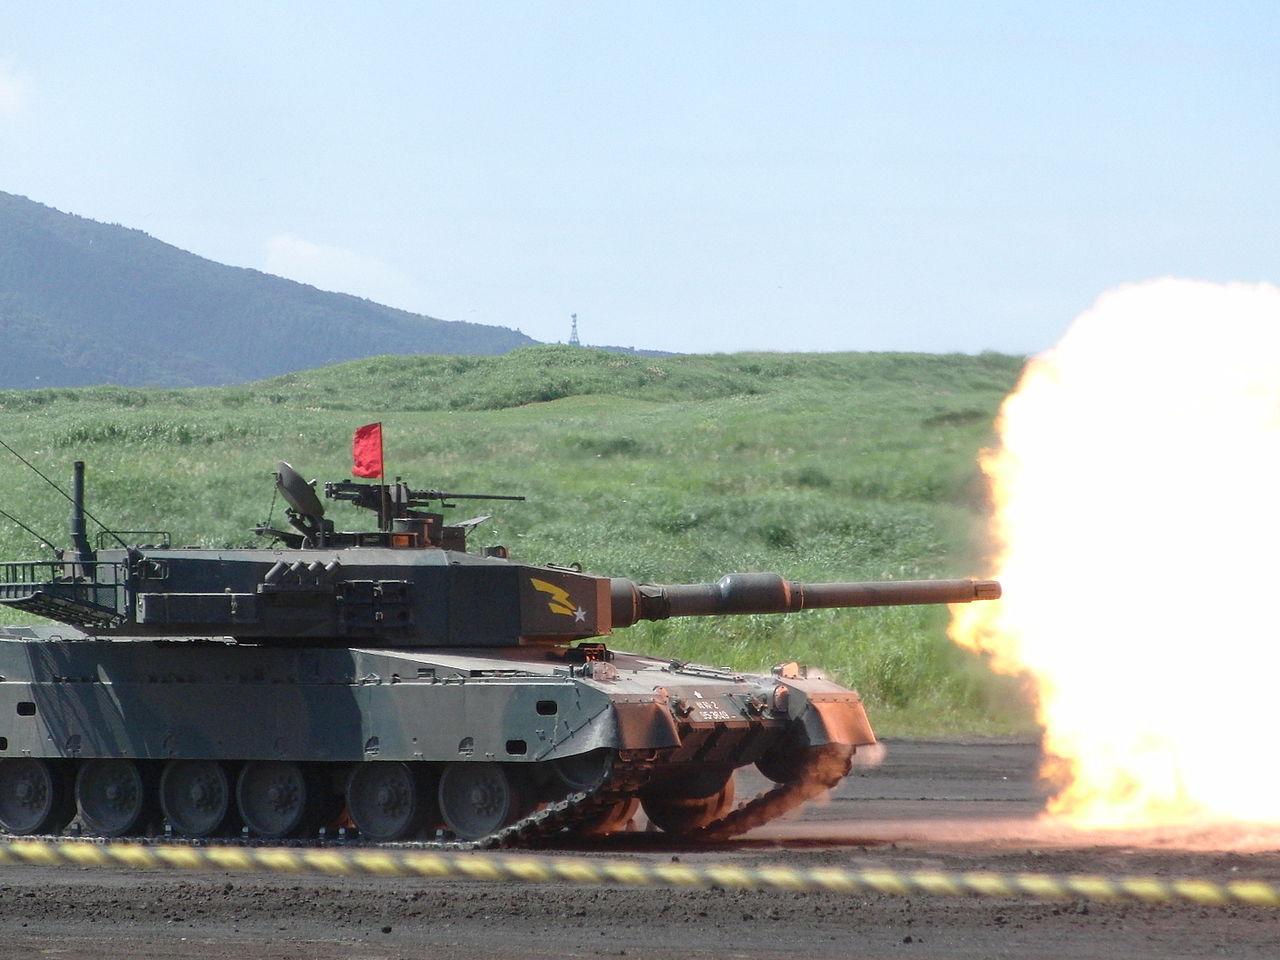 1280px-Firing_Type_90_tank.jpg